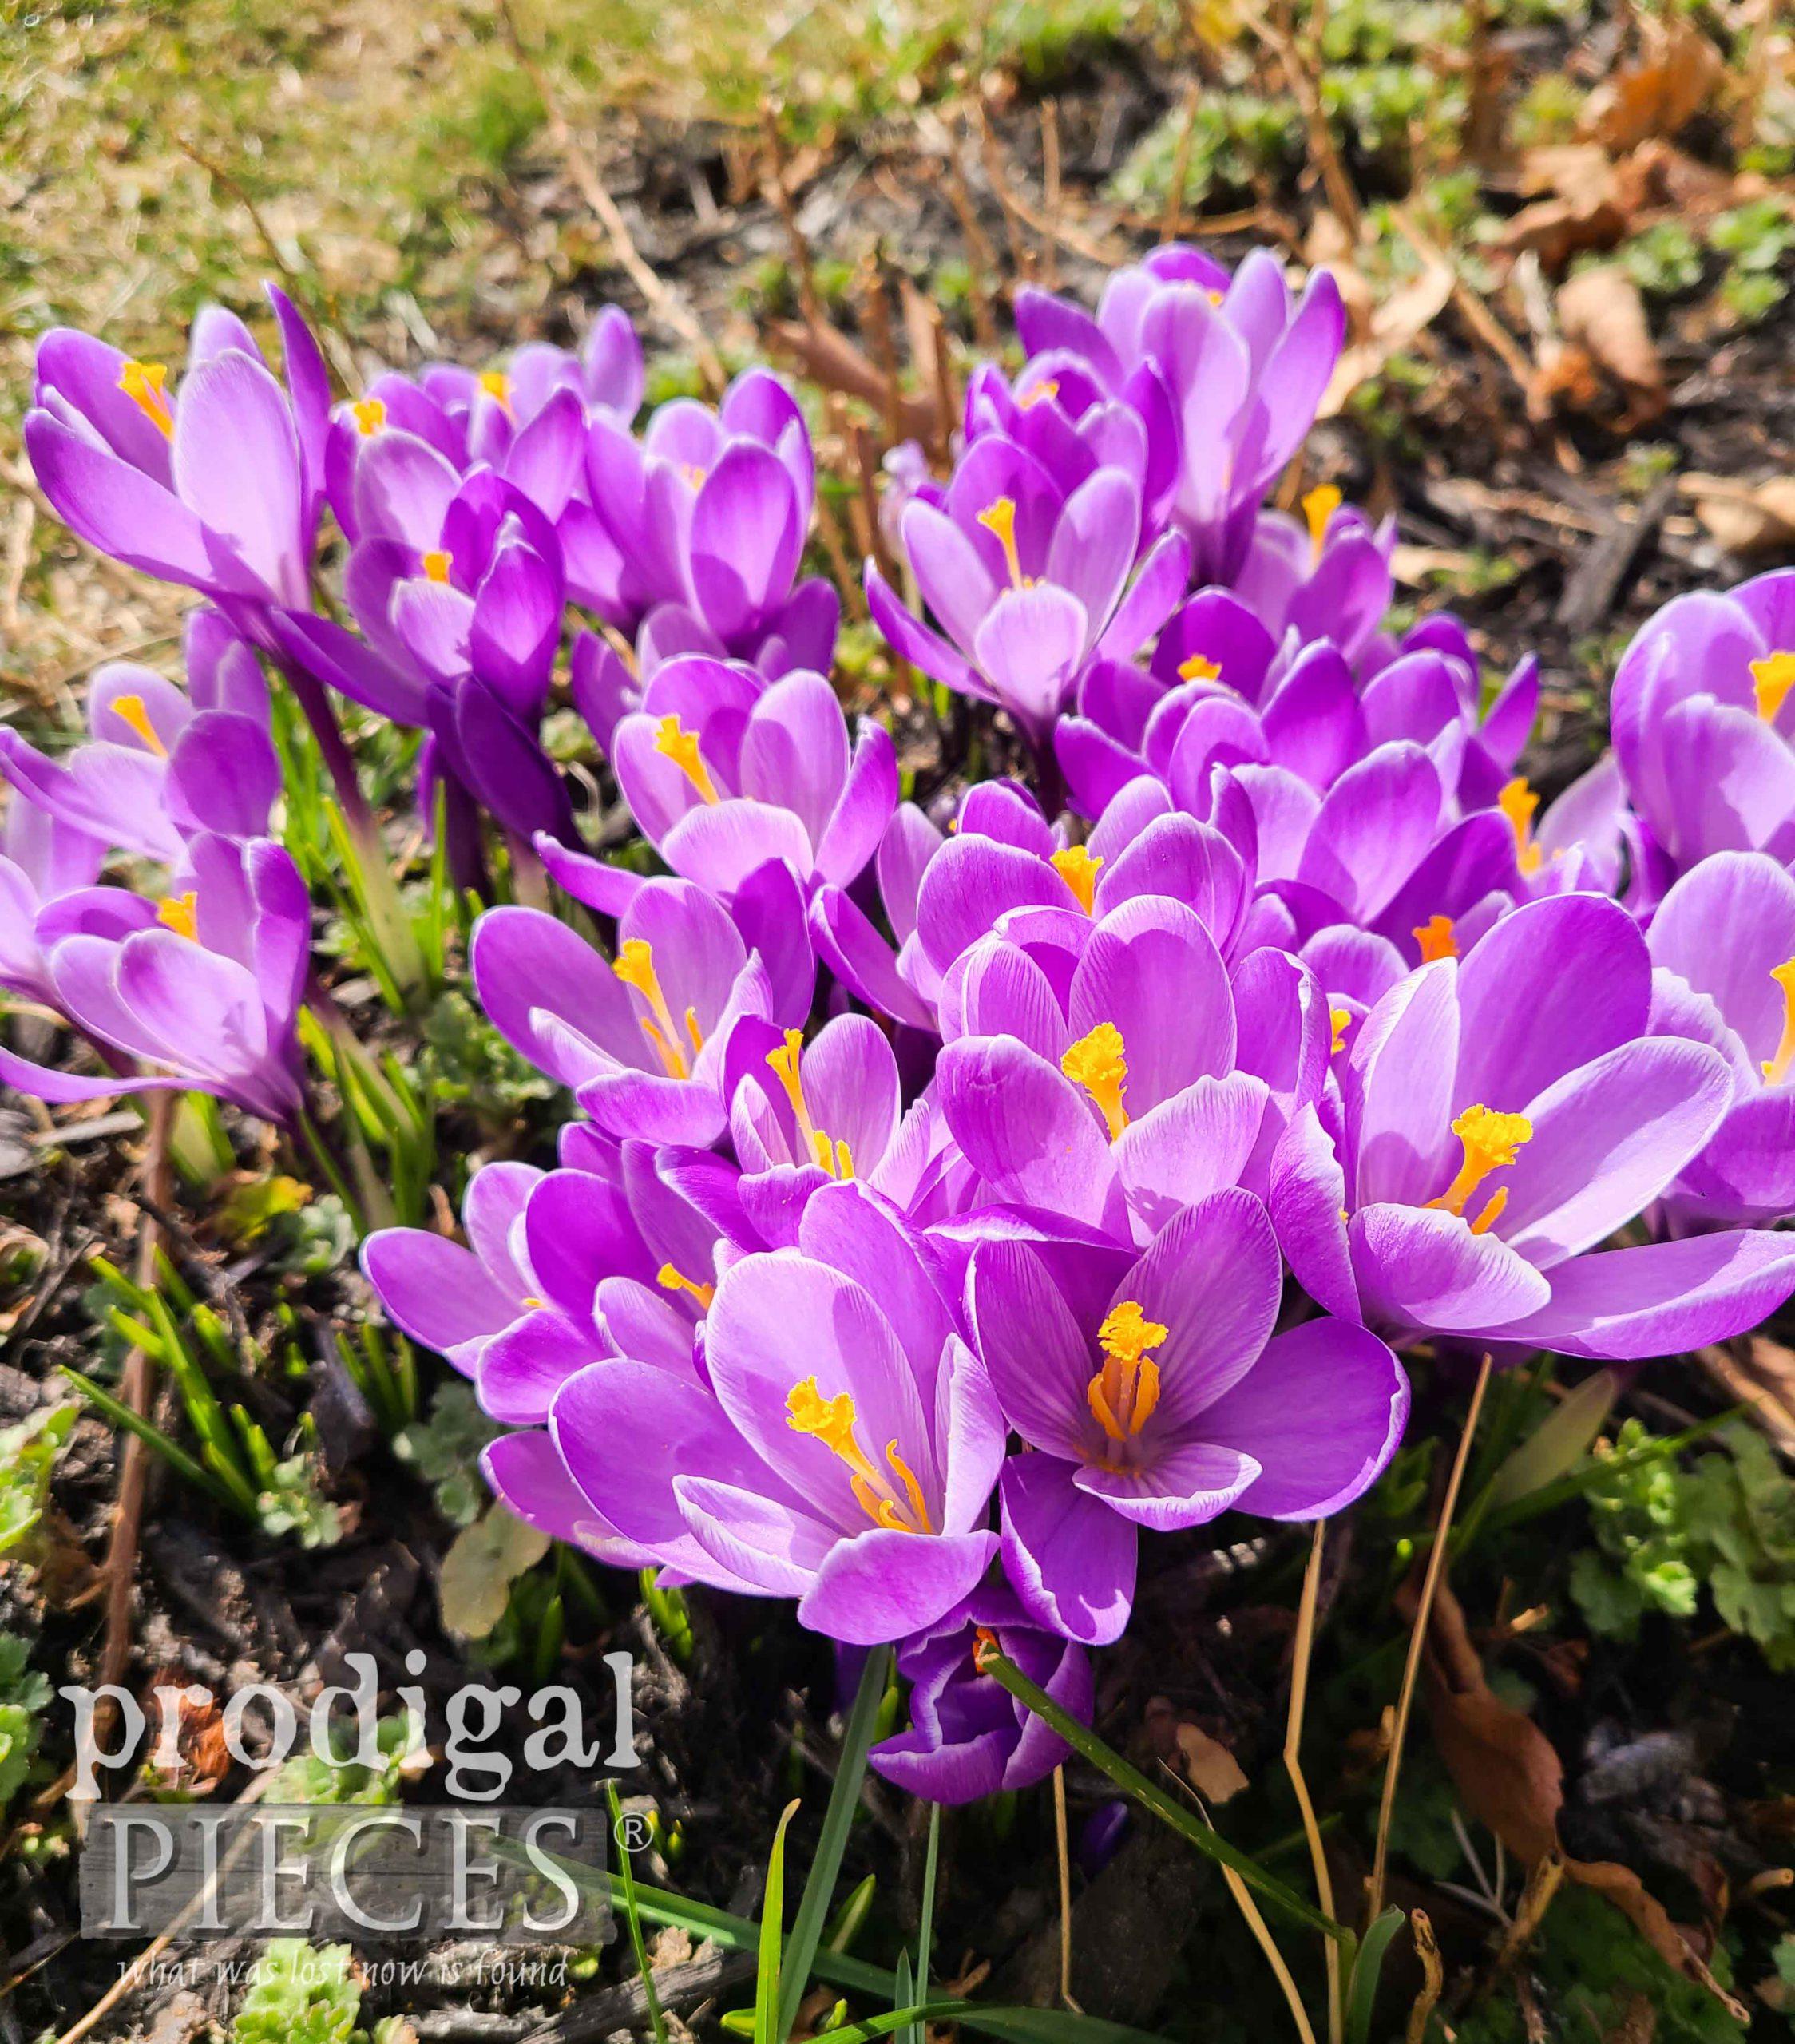 Beautiful Purple Crocus Open for the Sun | prodigalpieces.com #prodigalpieces